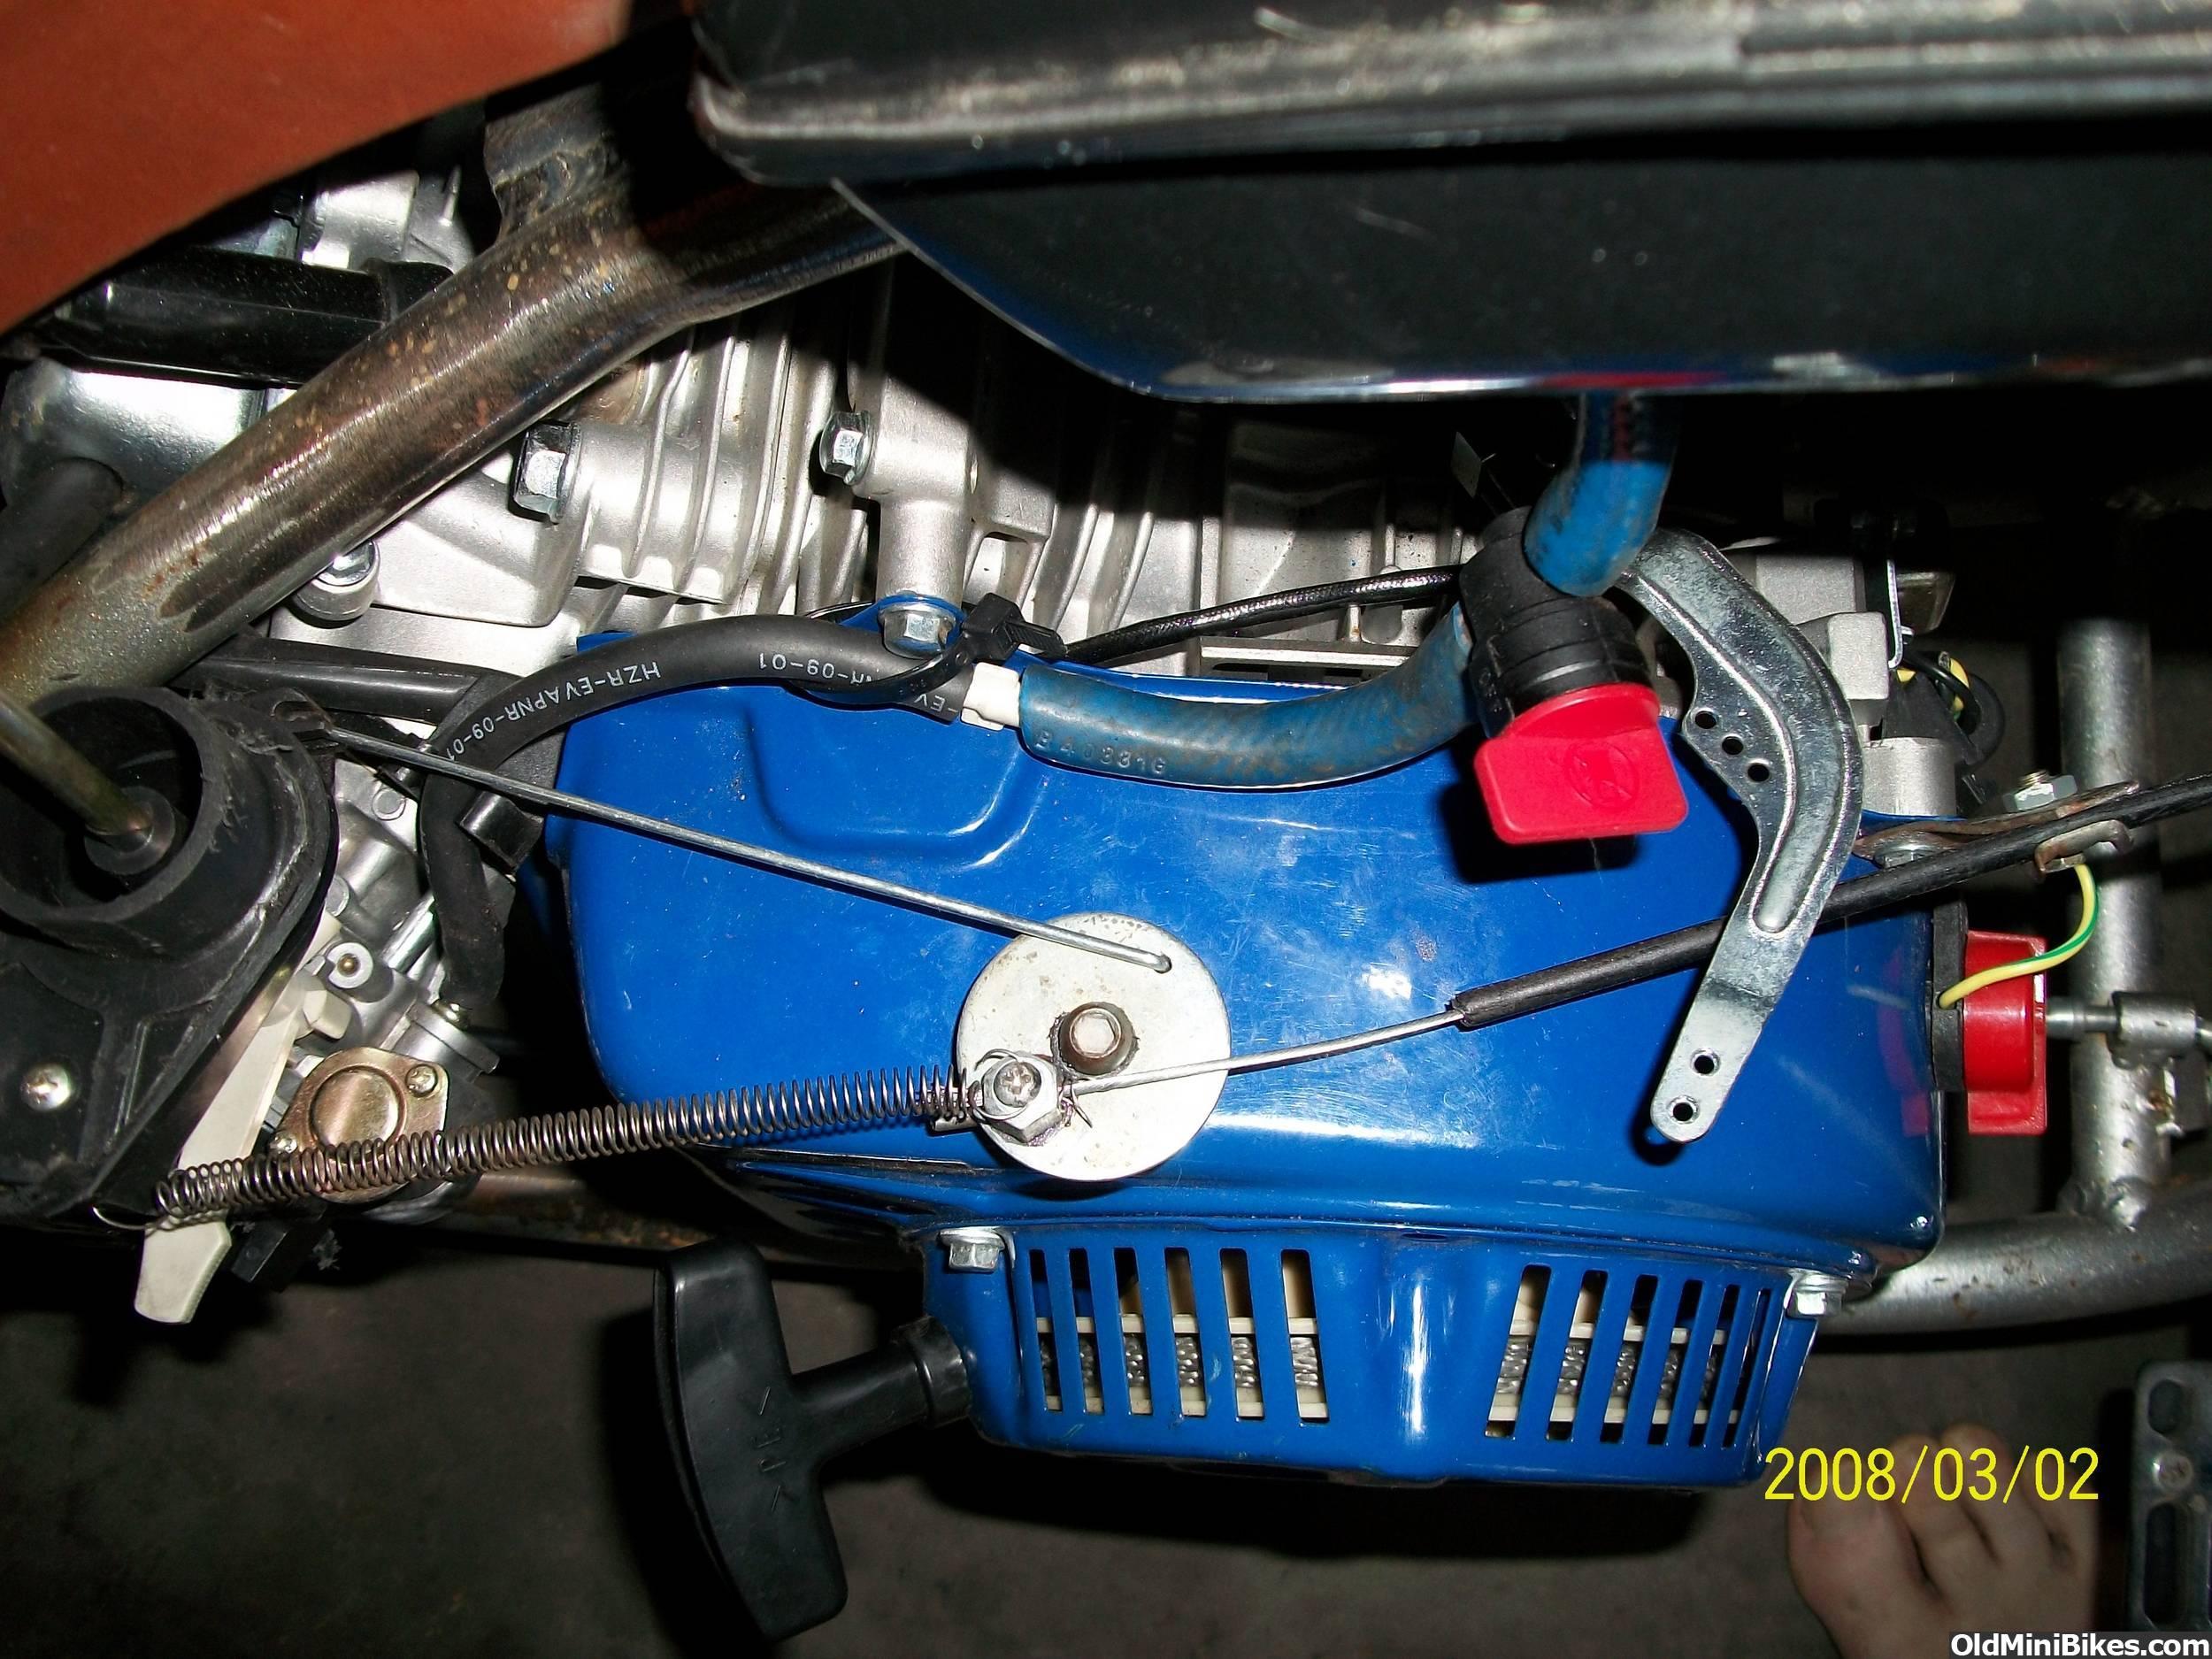 predator throttle hookup Money making - predator 212 throttle linkage - howto-makeorg.